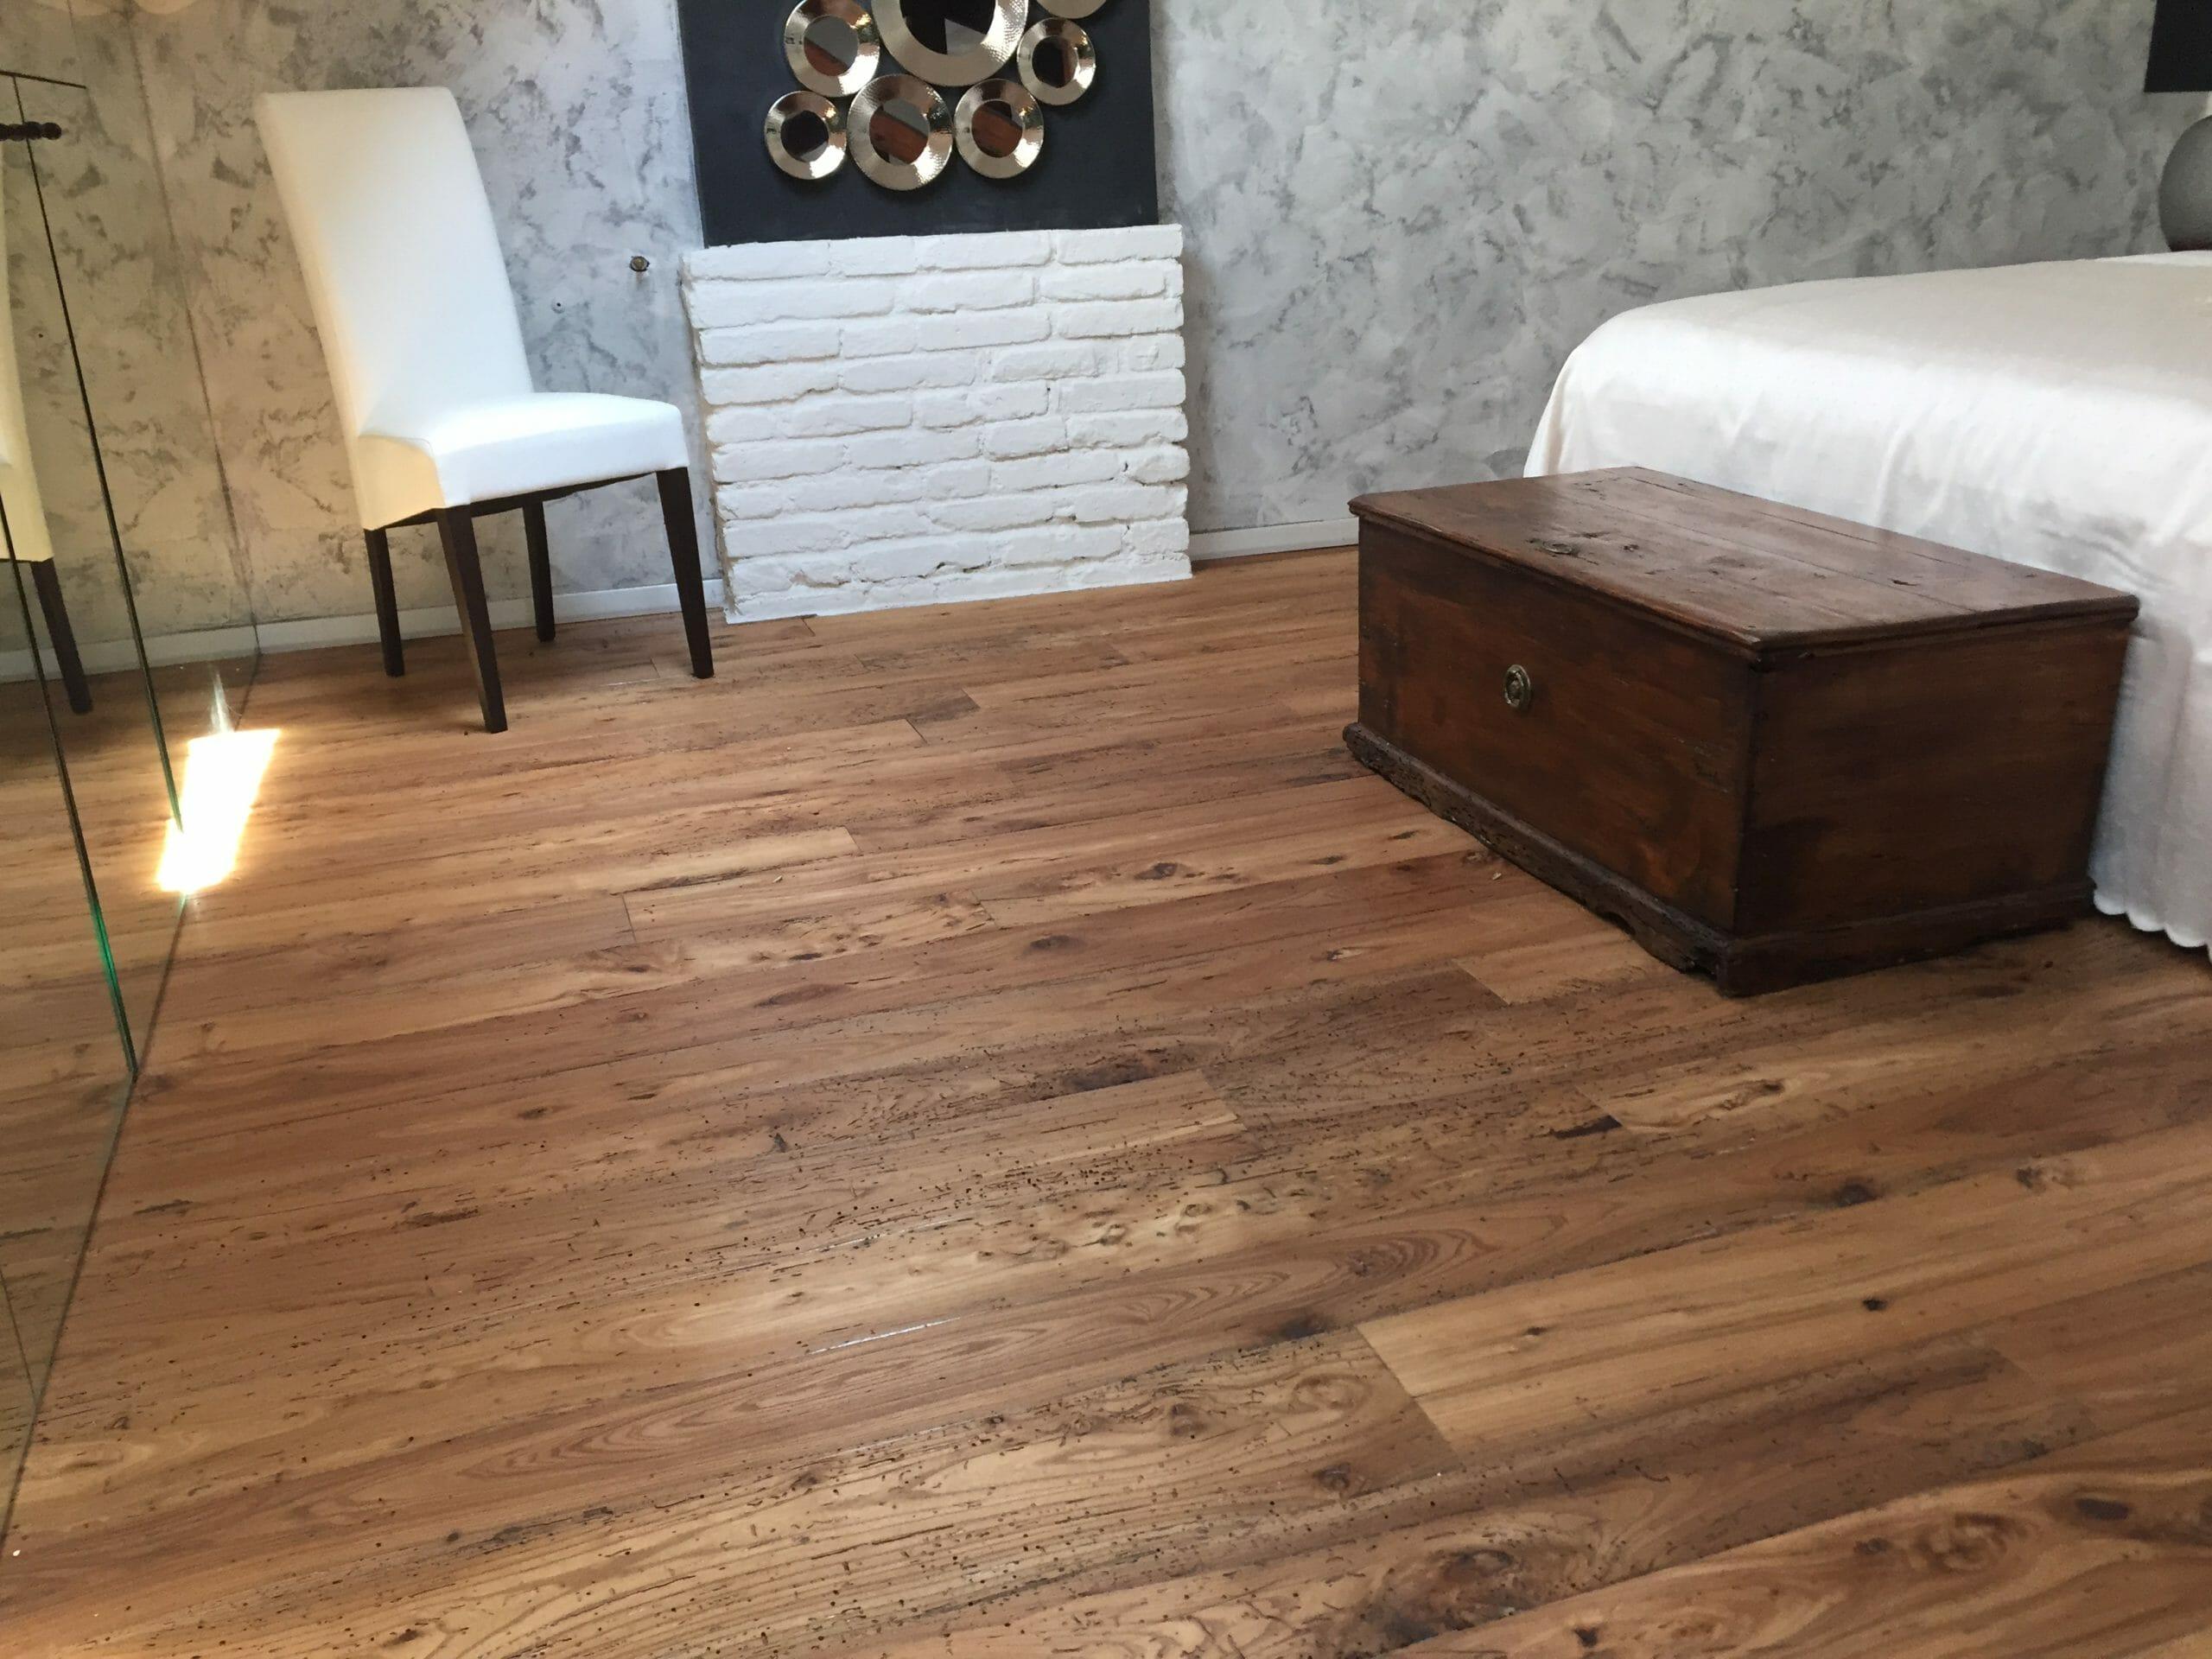 004 pavimento in olmo antico di recupero scaled - News, il fascino del legno antico di recupero